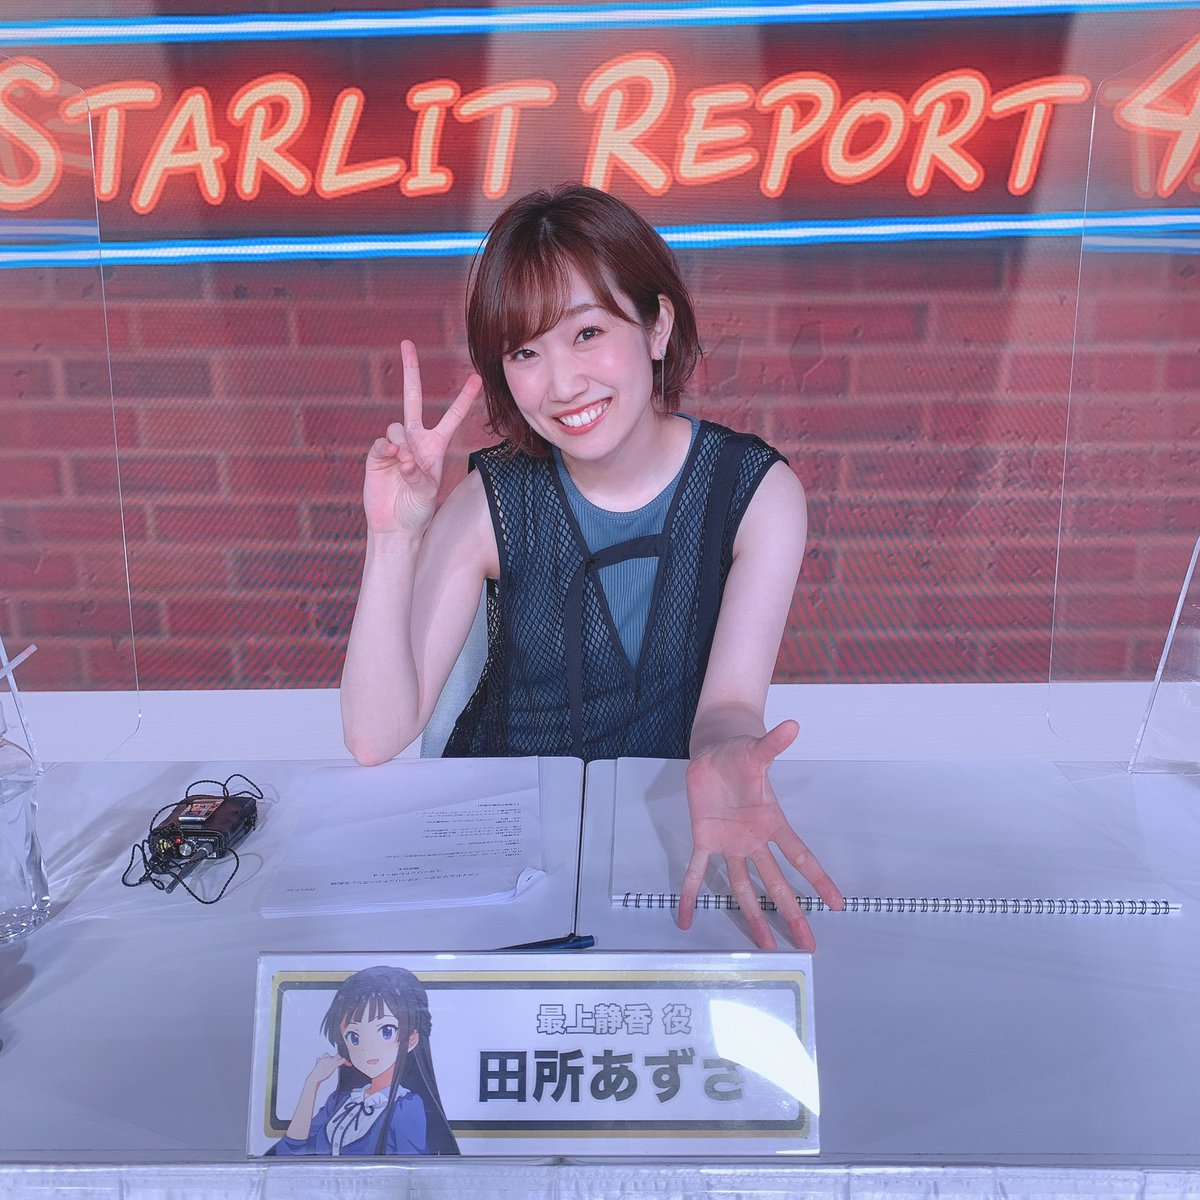 田所あずさの8月1日のツイッター画像